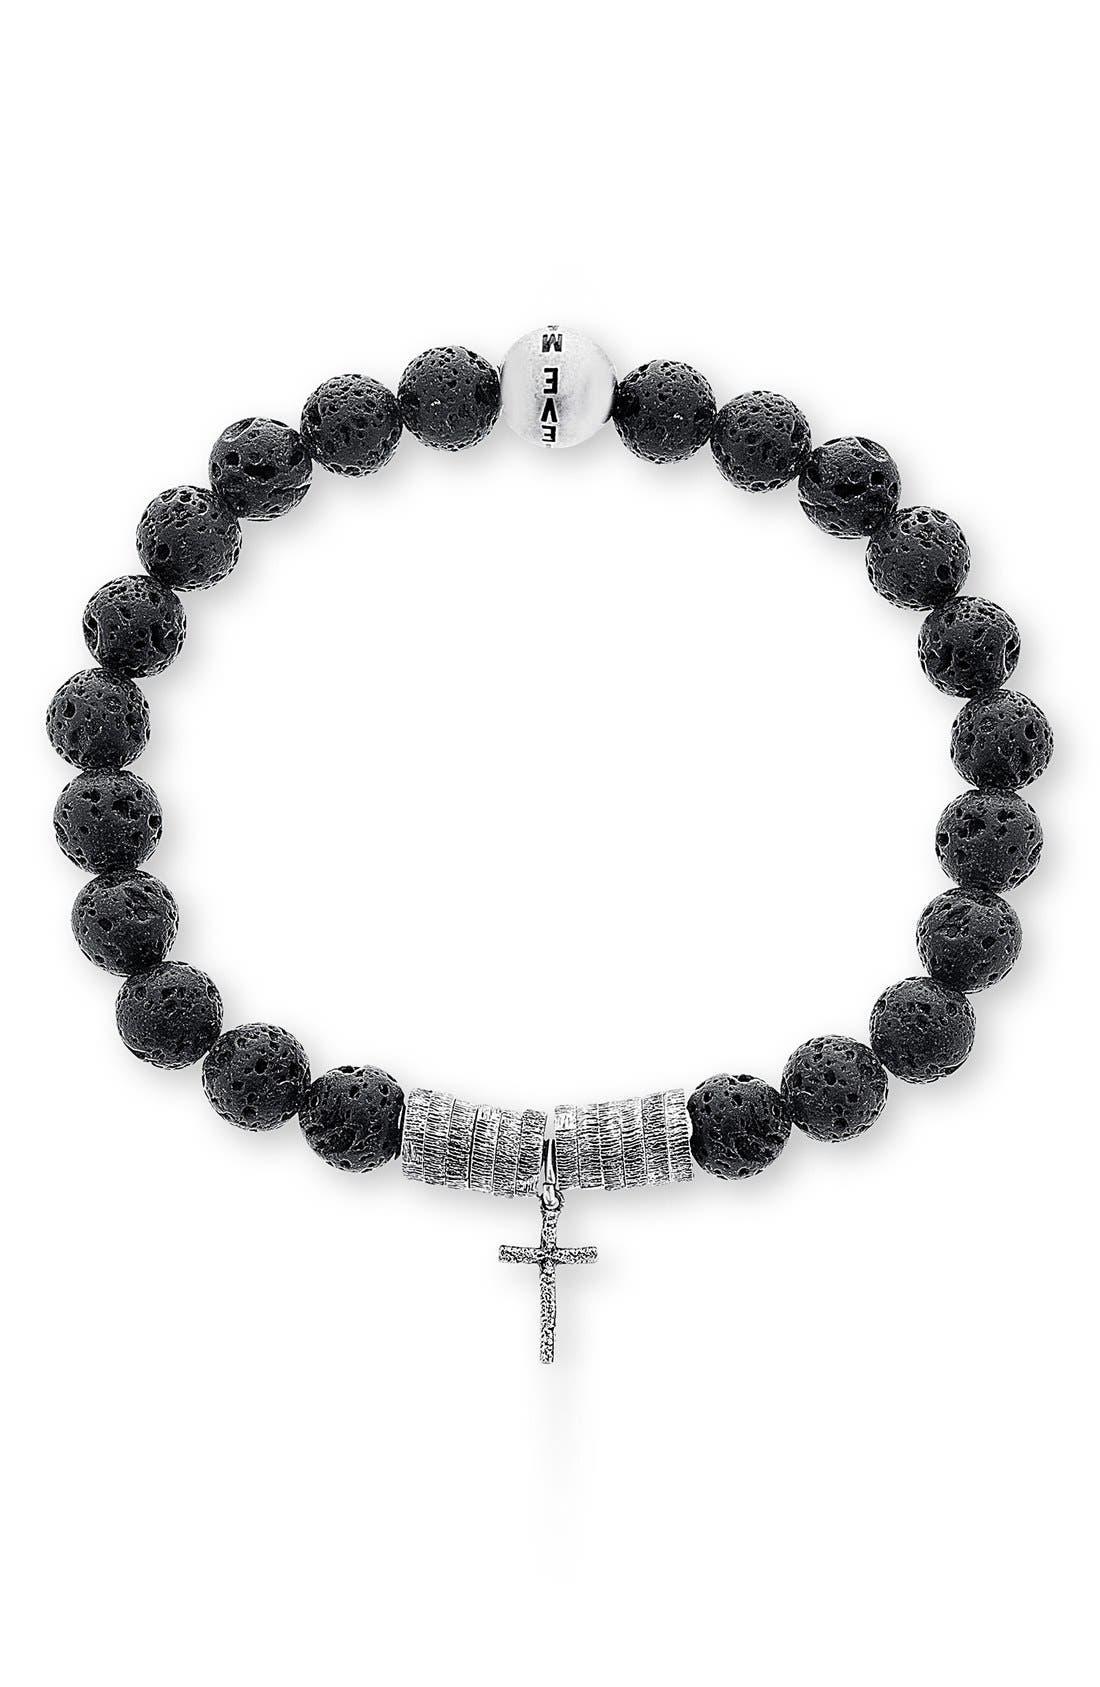 STEVE MADDEN Lava Rock Bead Bracelet